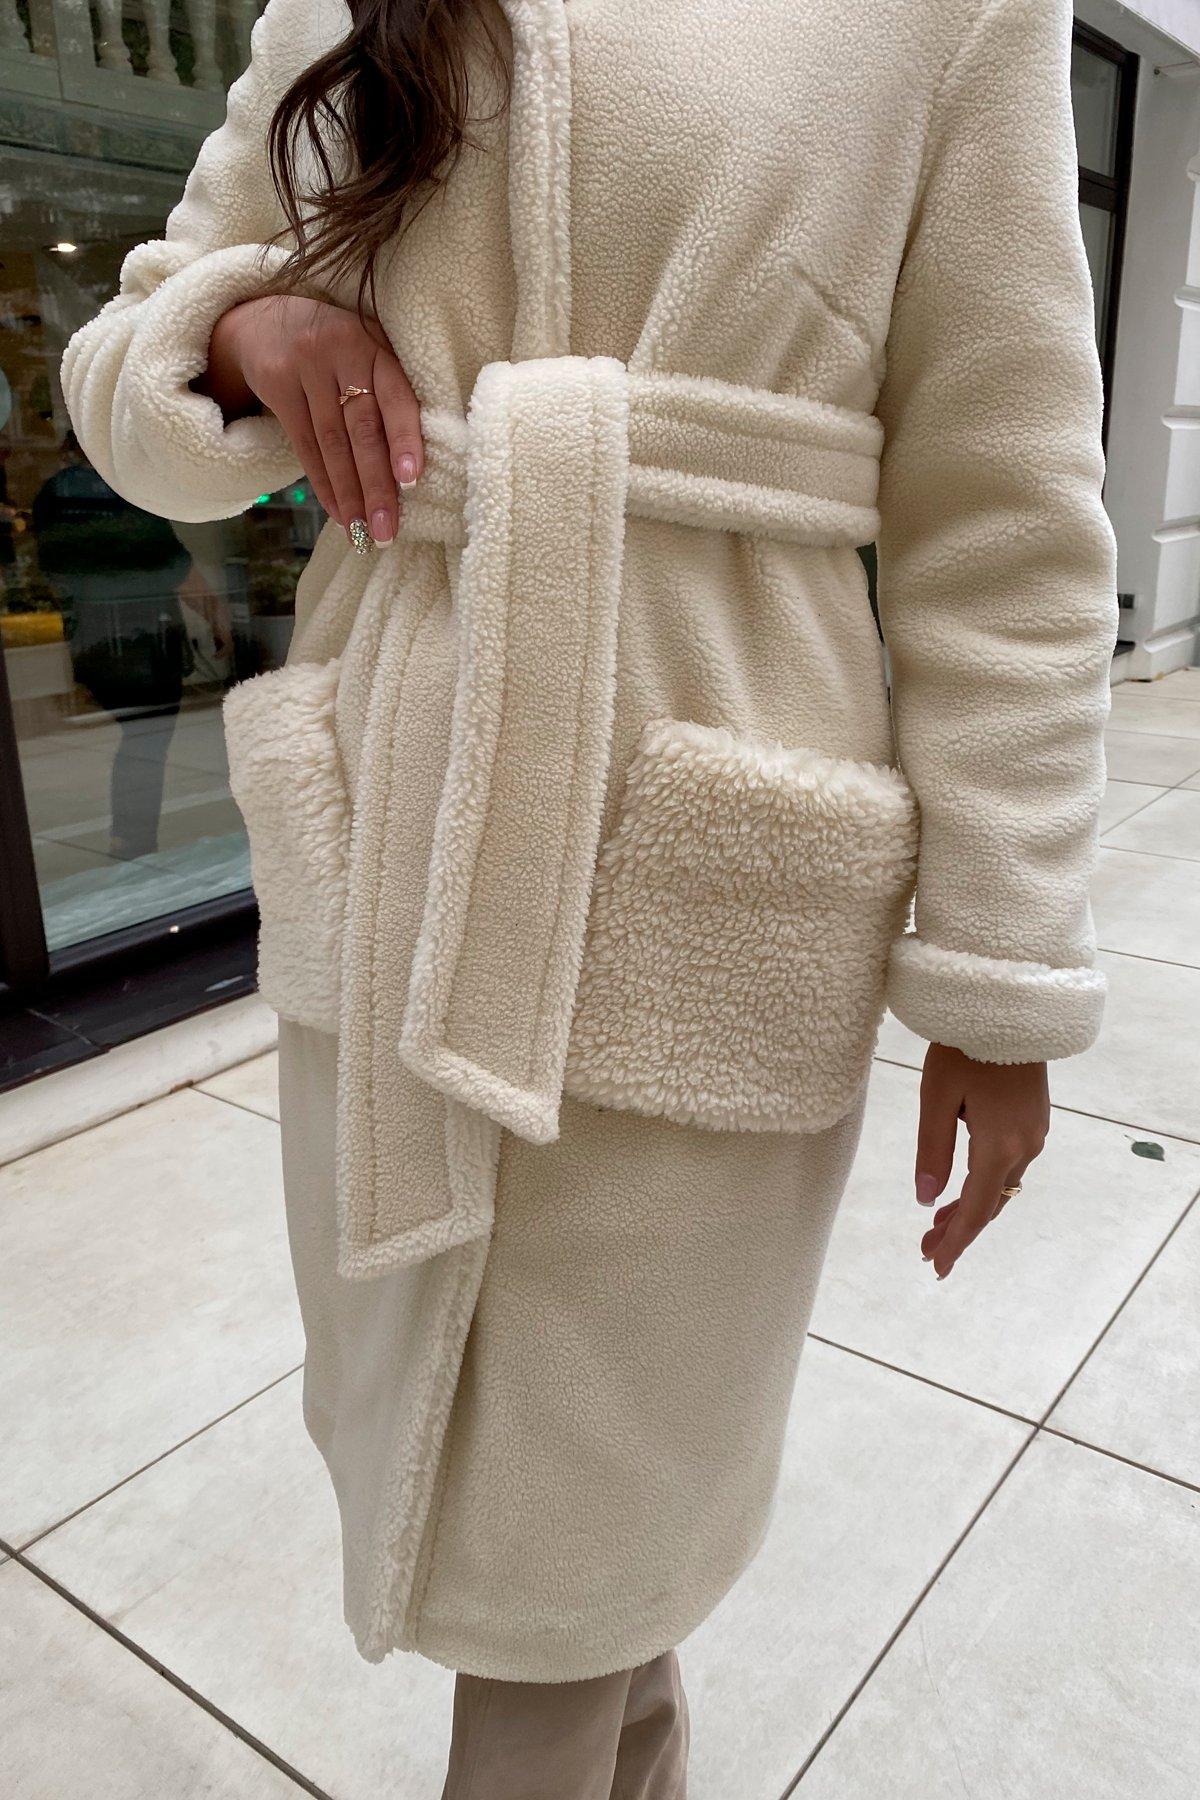 Пальто из искусственного меха Анита 8197 АРТ. 44955 Цвет: Молоко - фото 9, интернет магазин tm-modus.ru